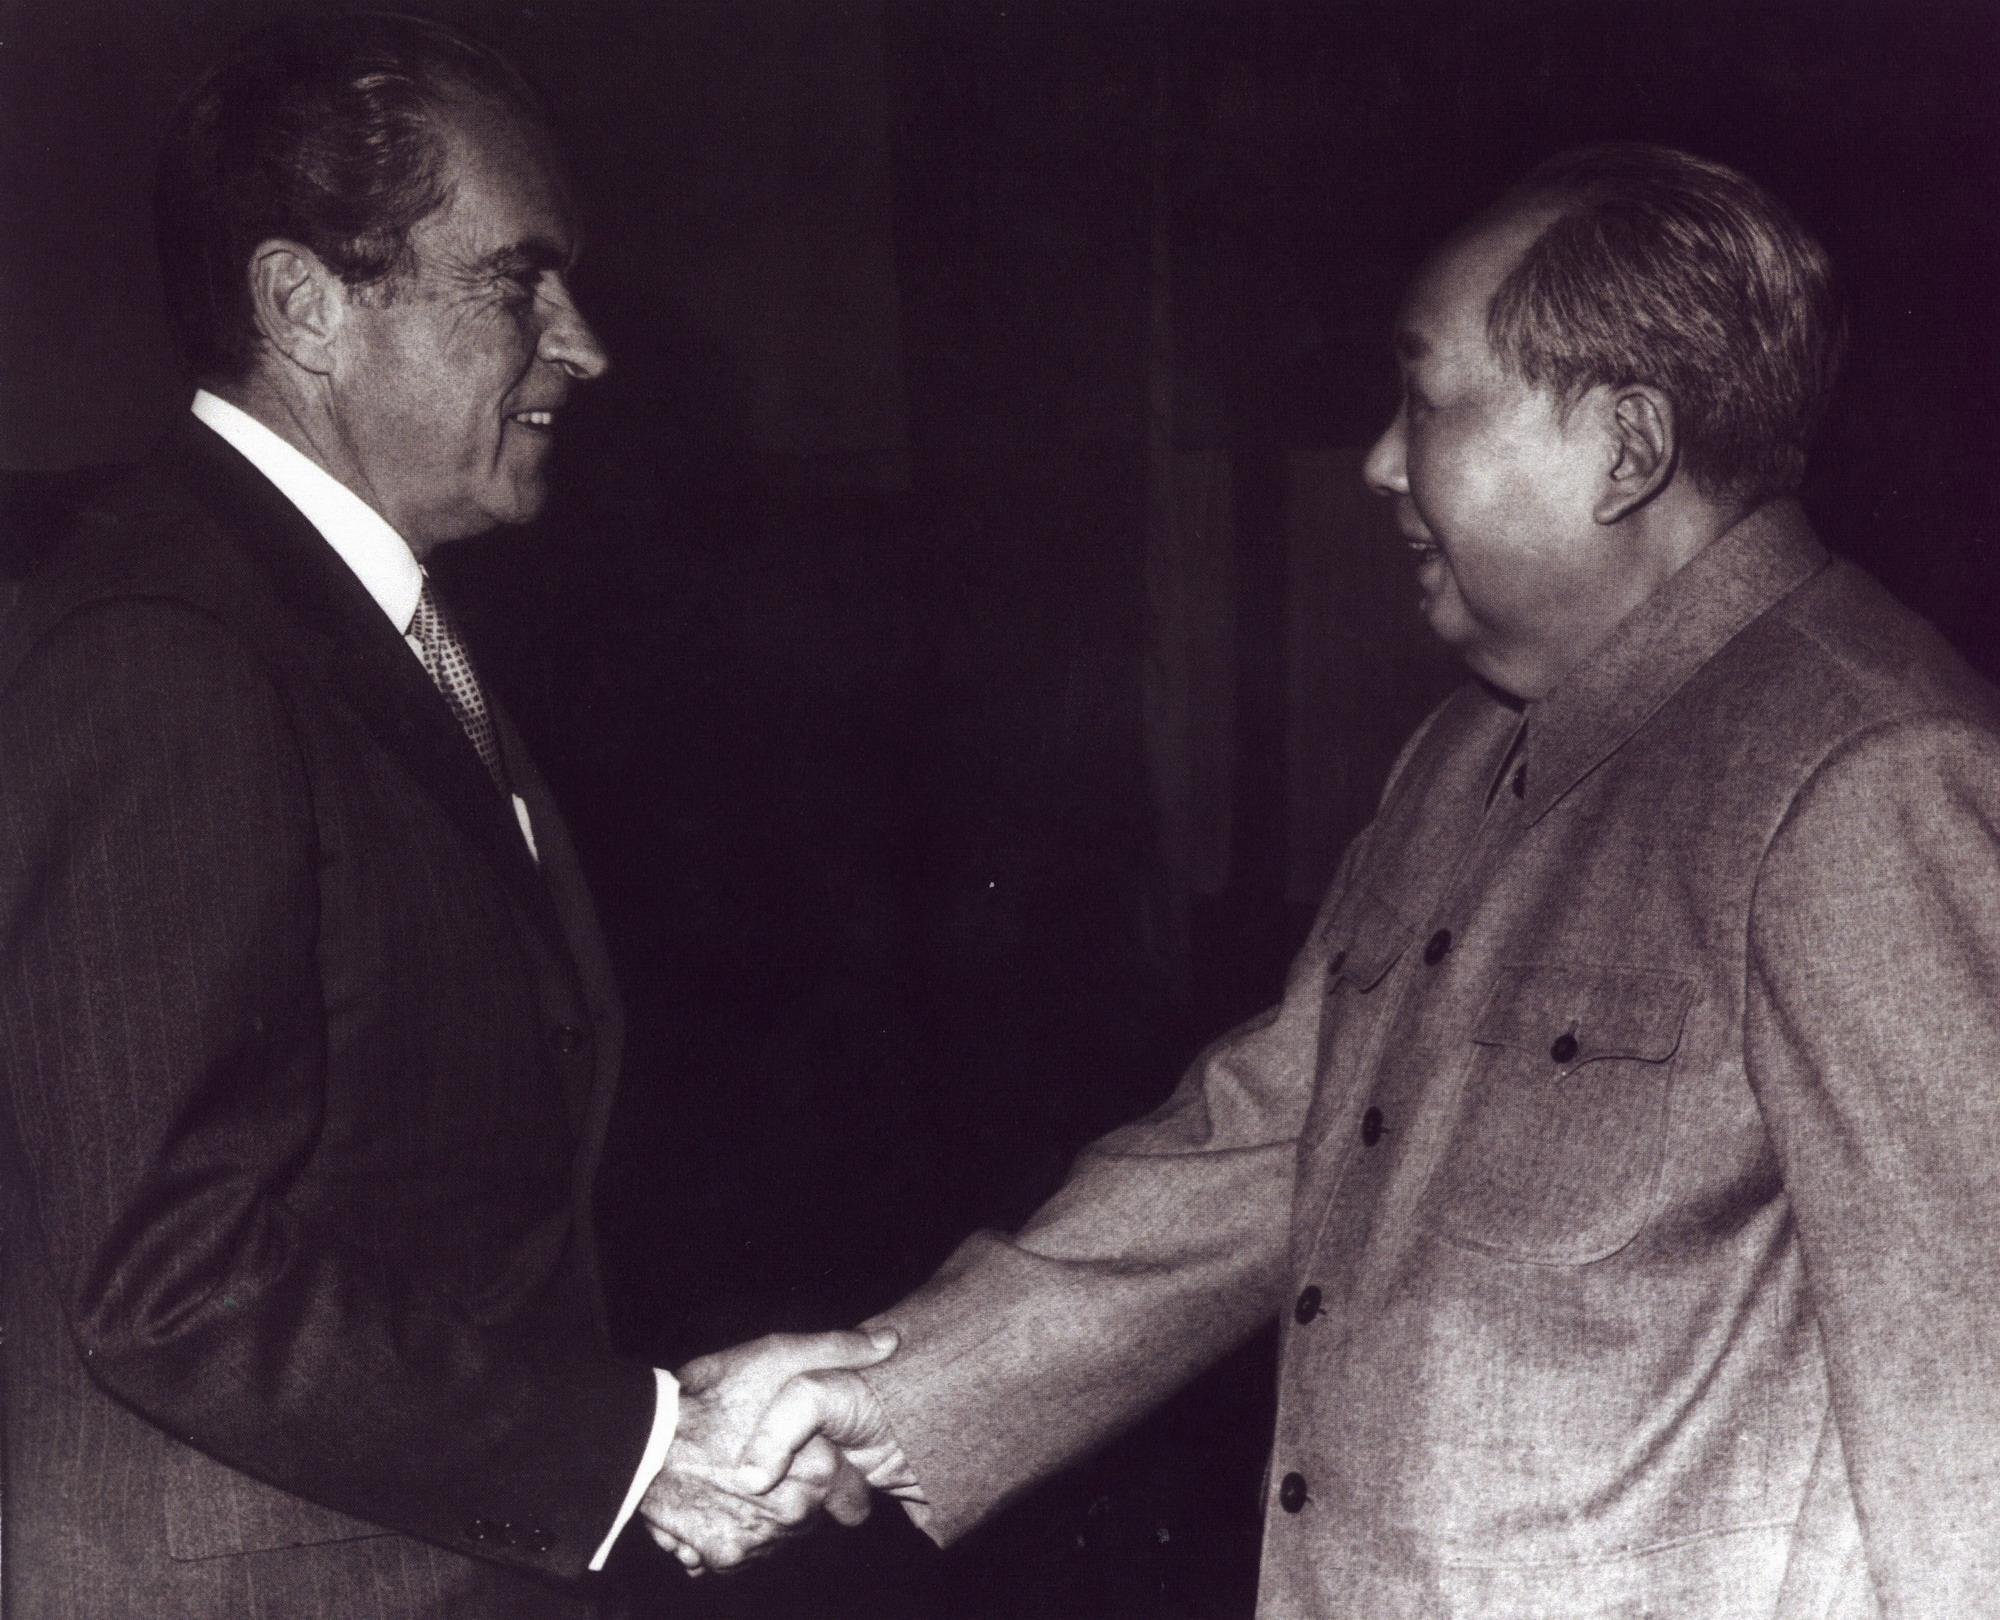 Richard Nixon with Mao Zedong